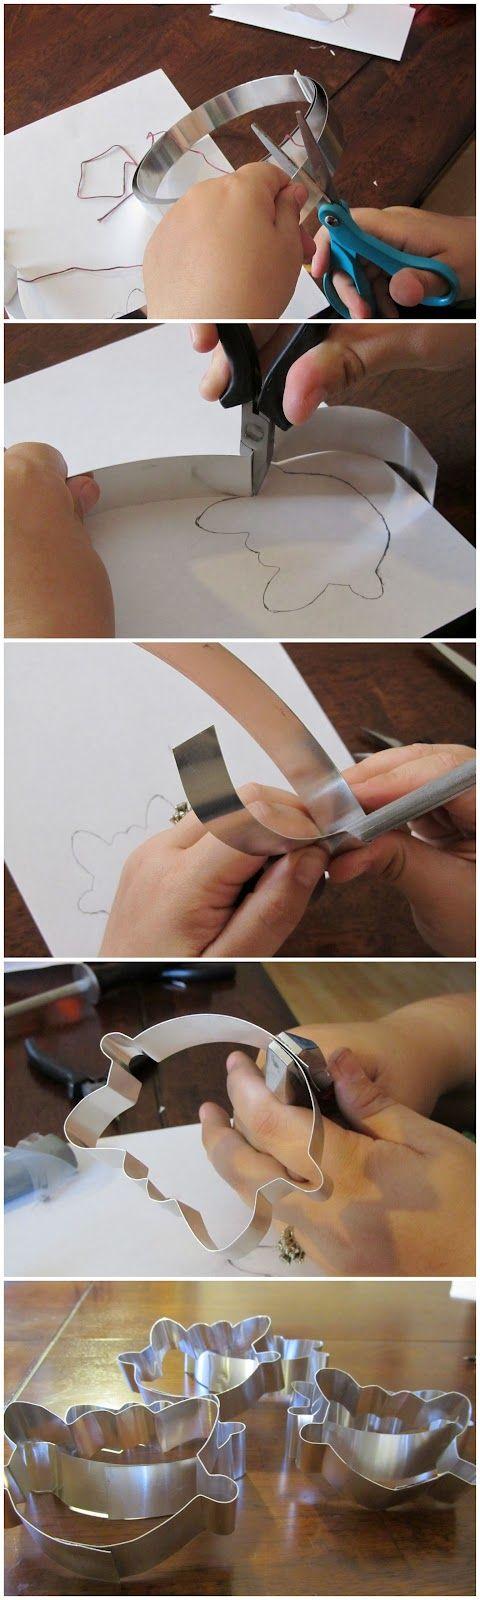 DIY CORTADORES (1) usa cordón para medir el largo del aluminio que necesitas.  (2) usa pinzas para las esquinas, afilador de cuchillo para las curvas  (3) usa lija para rebajar la parte de la unión. Has click para ver el tutorial gráfico completo